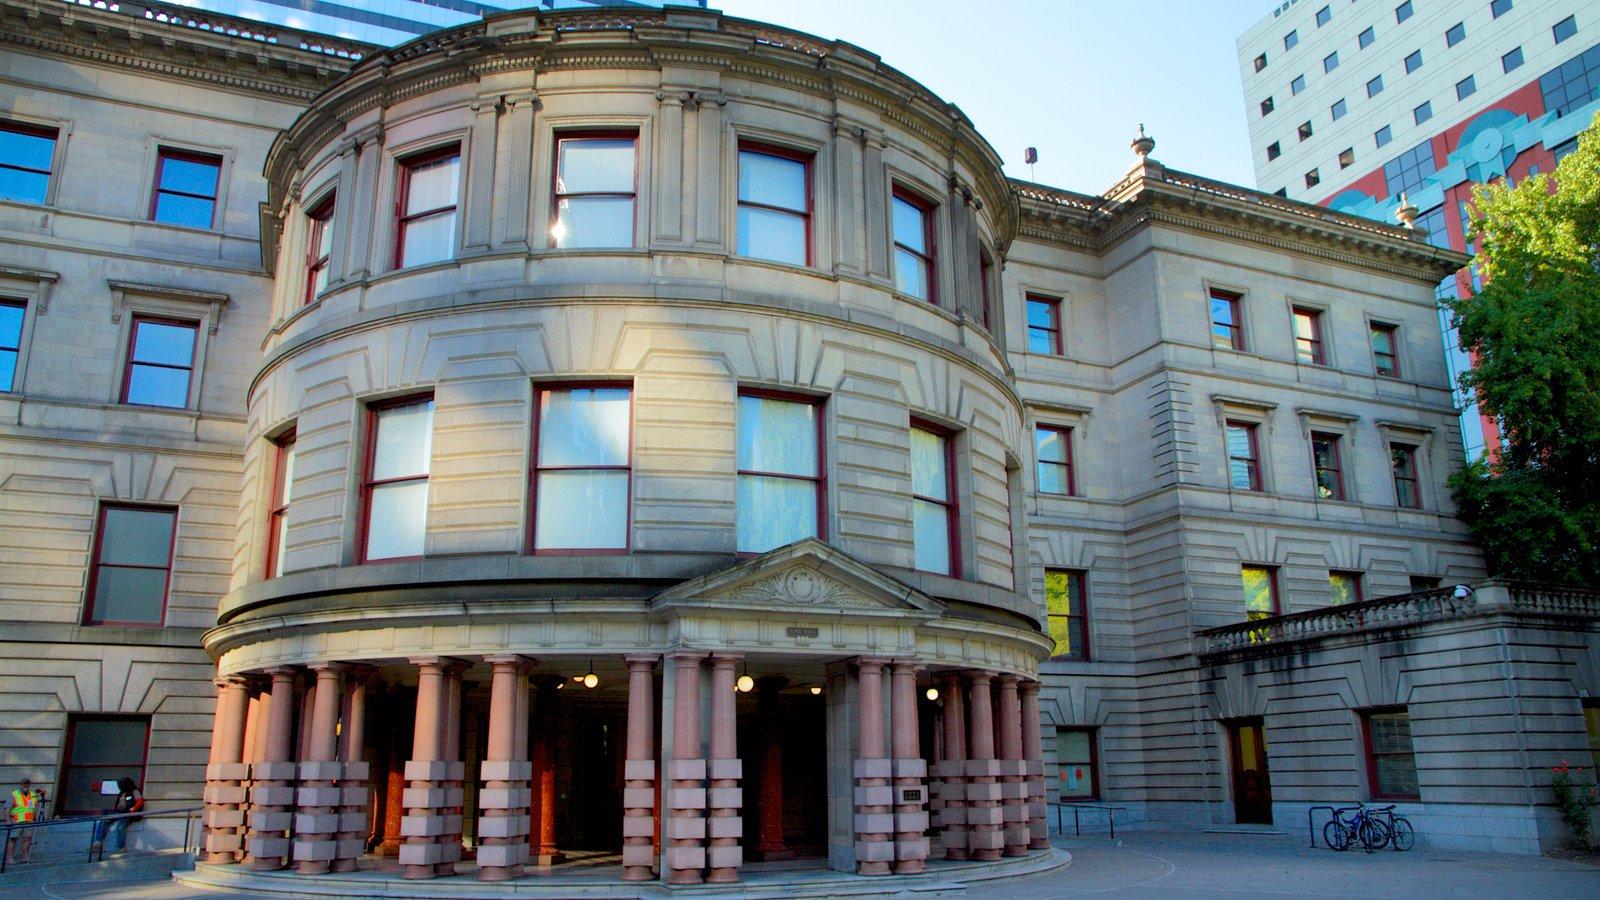 Portland City Hall que incluye patrimonio de arquitectura y un edificio administrativo